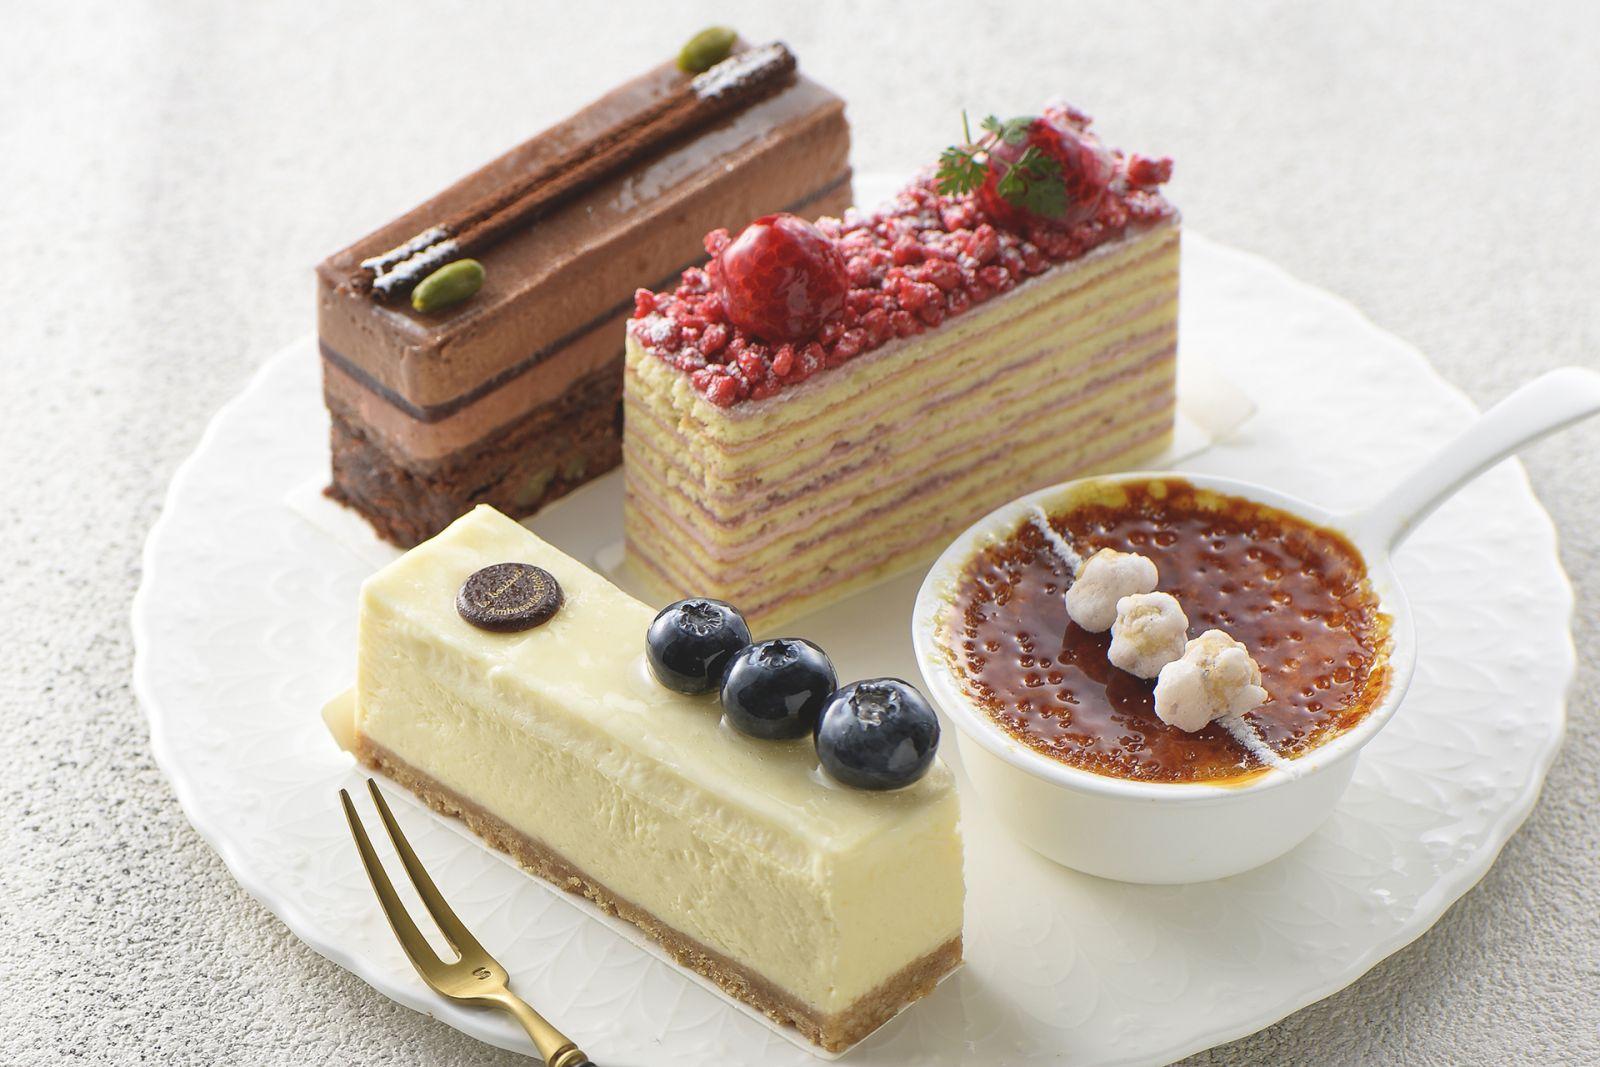 國賓麵包房 小蛋糕買二送一